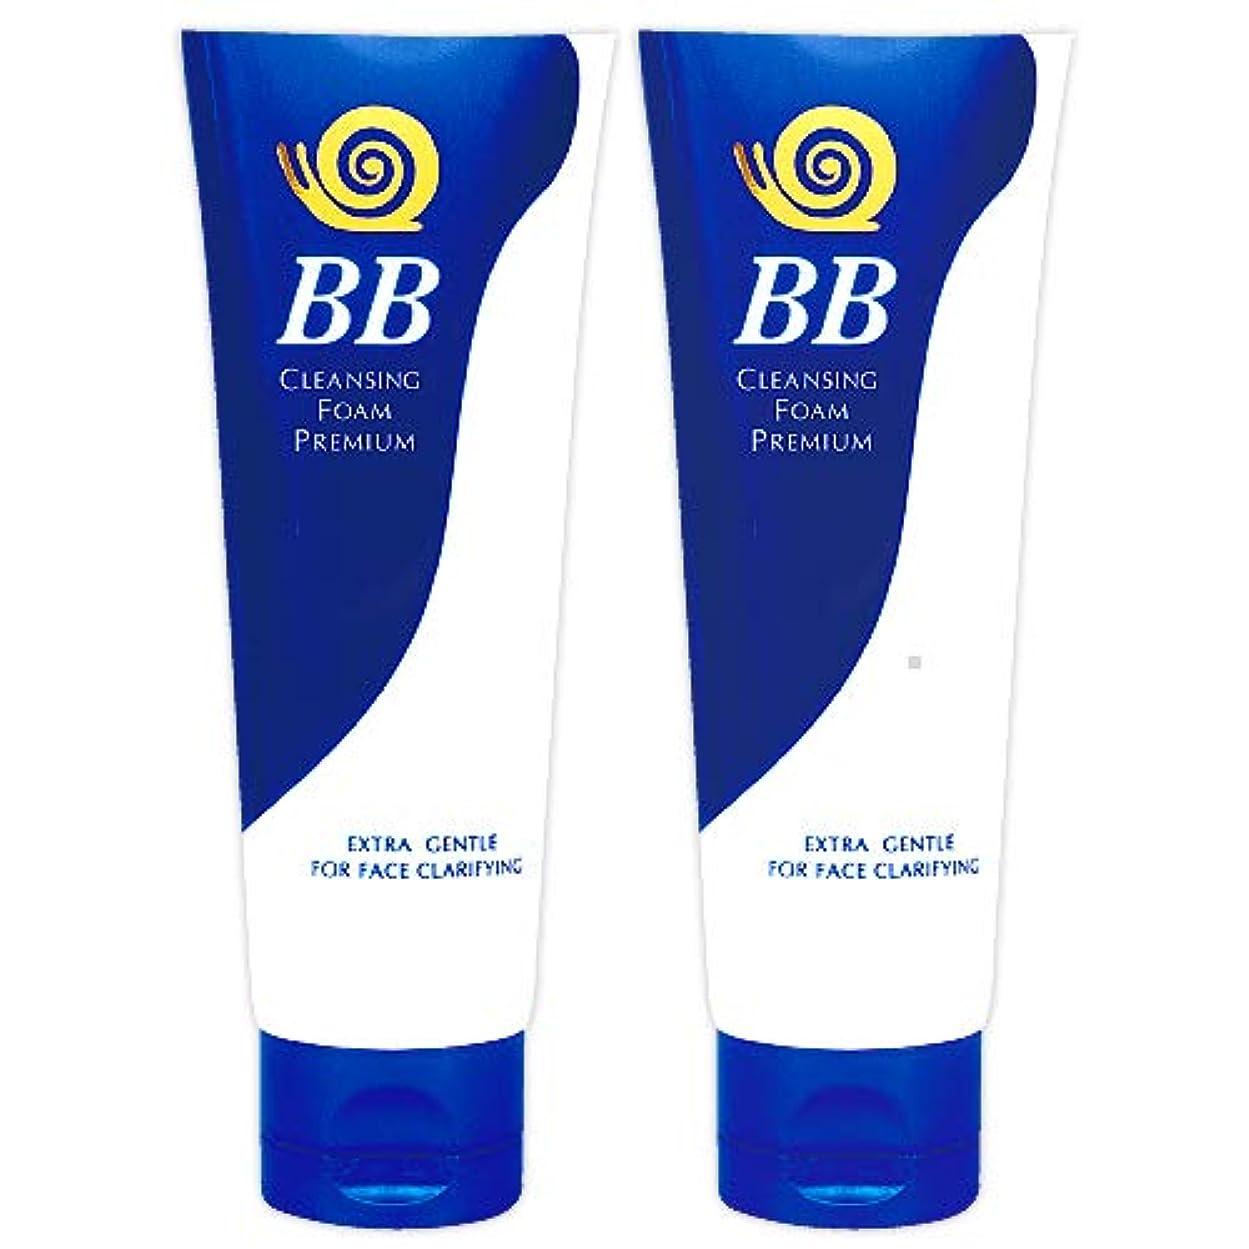 間接的振り向く無知B&S 極上 かたつむり BB 洗顔フォーム (プレミアム) 100g 2個 セット [並行輸入品]